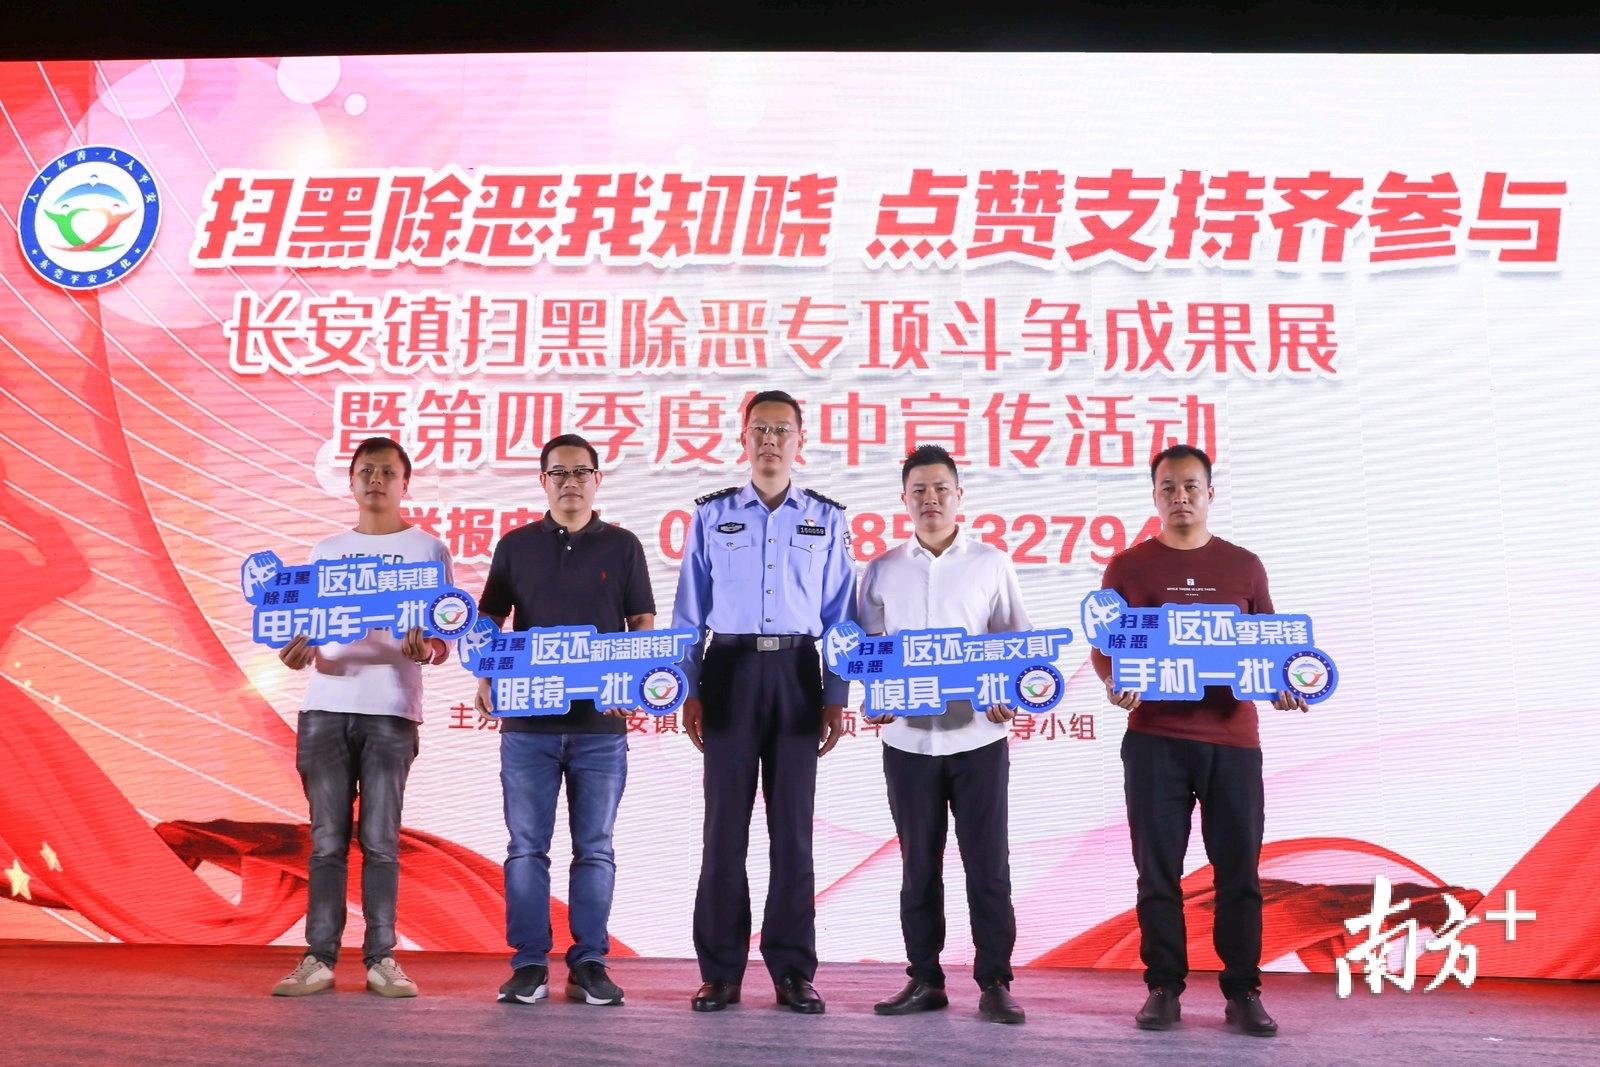 广东东莞长安镇:2018年以来打掉75个黑恶势力团伙